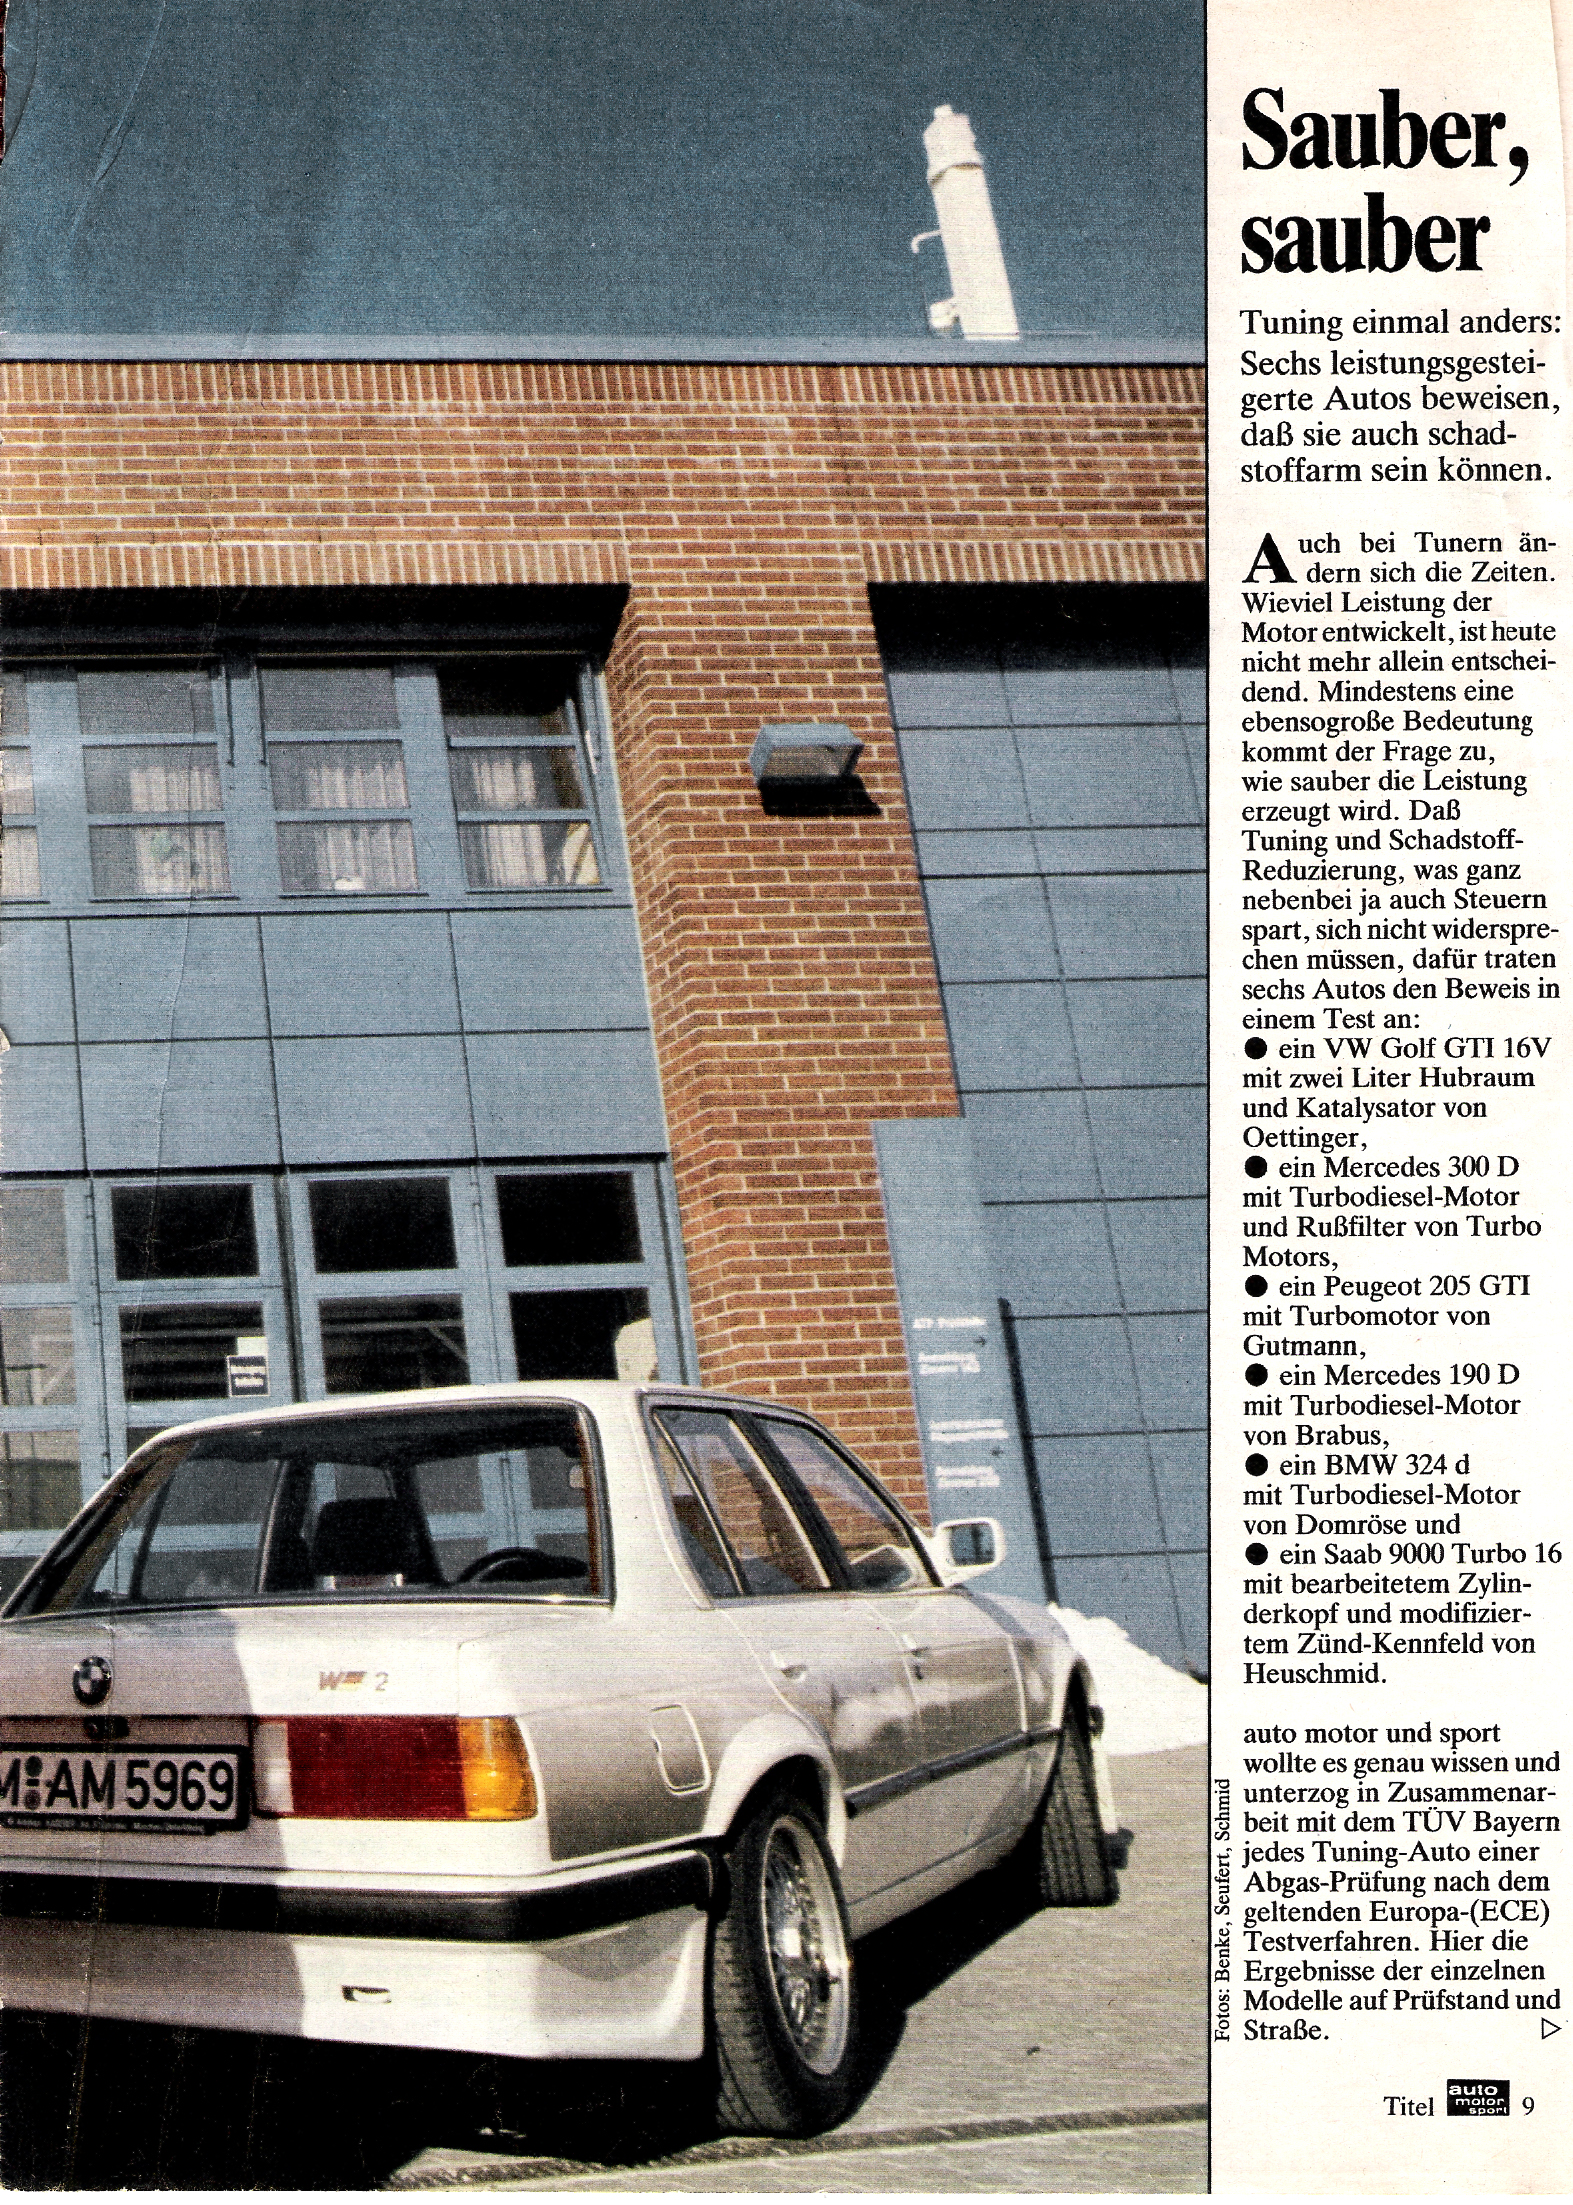 """Auto-Motor-und-Sport, Juni 1986 """"Sauber, sauber!"""" über Domröse Diesel 2"""